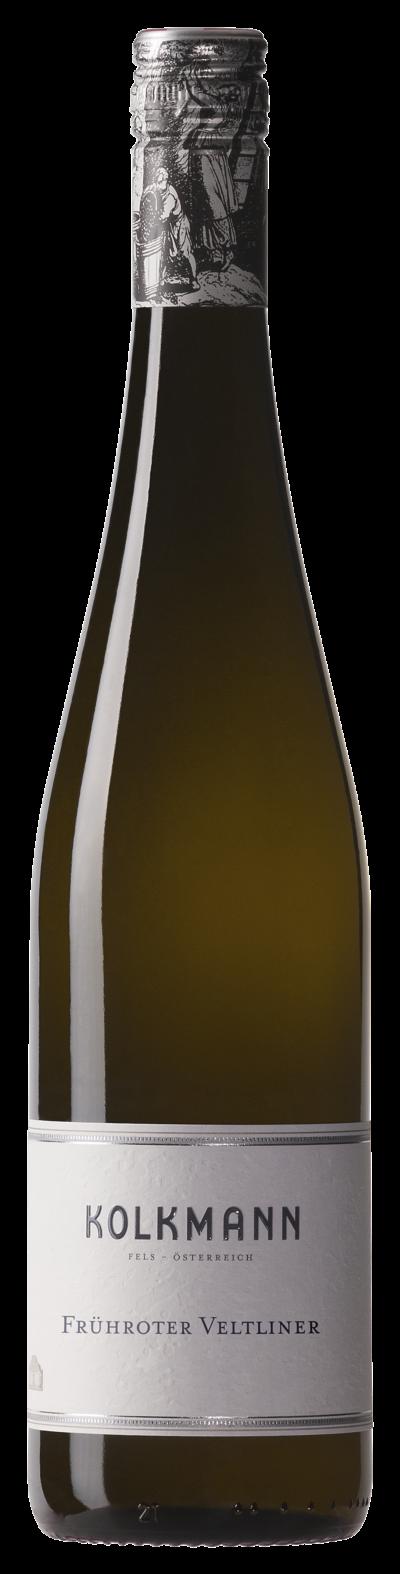 Frühroter Veltliner vom Weingut Kolkmann - dem Weingut in Fels am Wagram in Niederösterreich